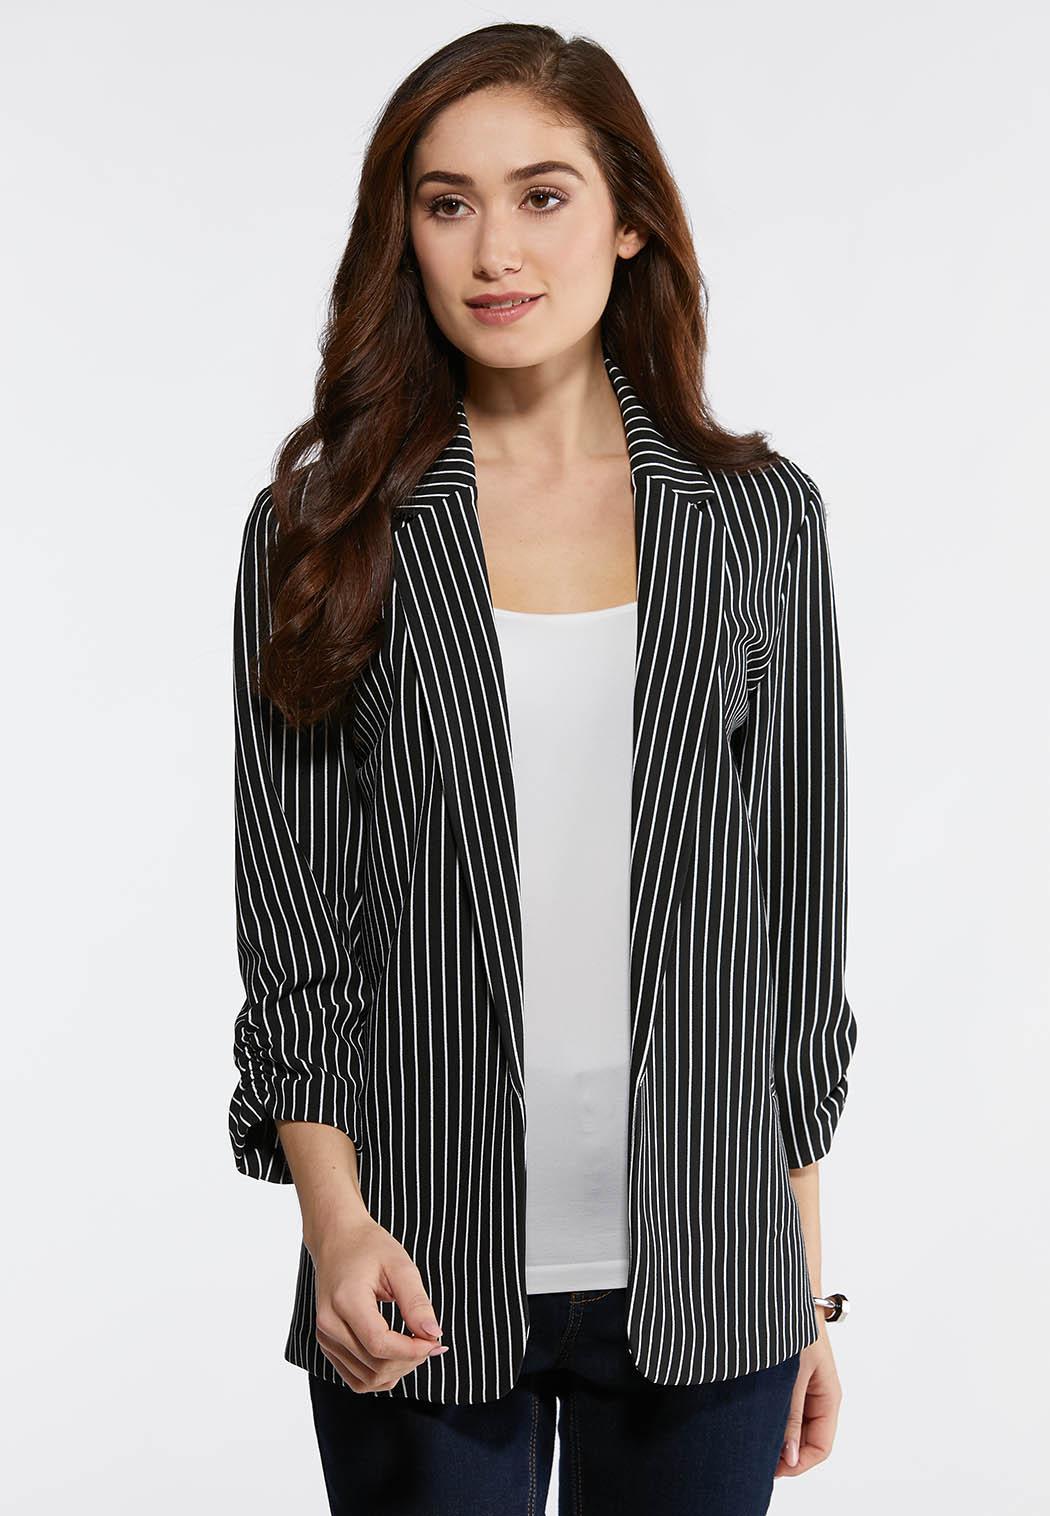 e755b1fac33 Women s Plus Size Fashion Jackets